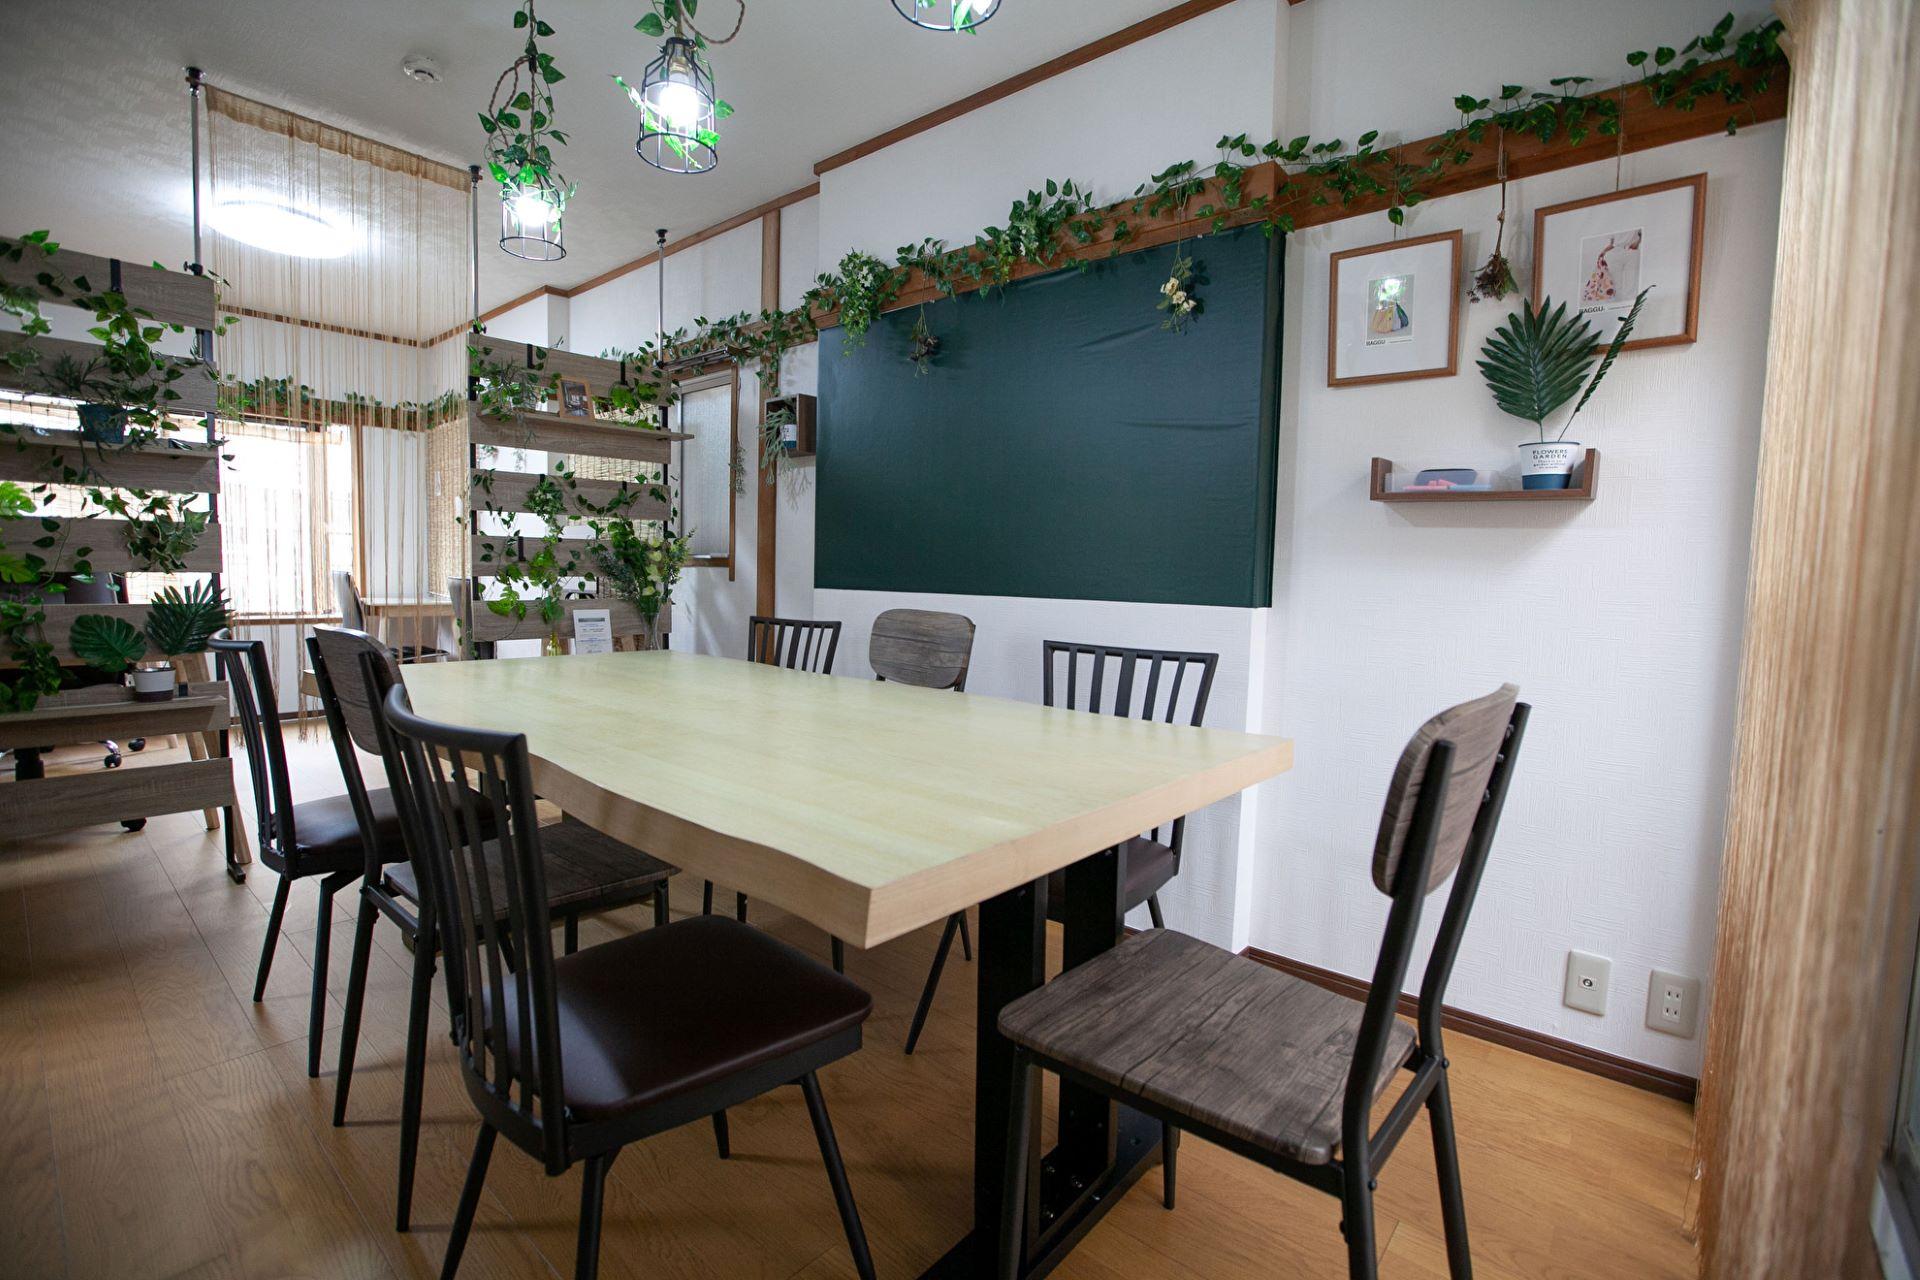 東京都北区にあるivyCafe NEIGHBOR&WORK 王子(アイビーカフェ ネイバー&ワーク 王子)